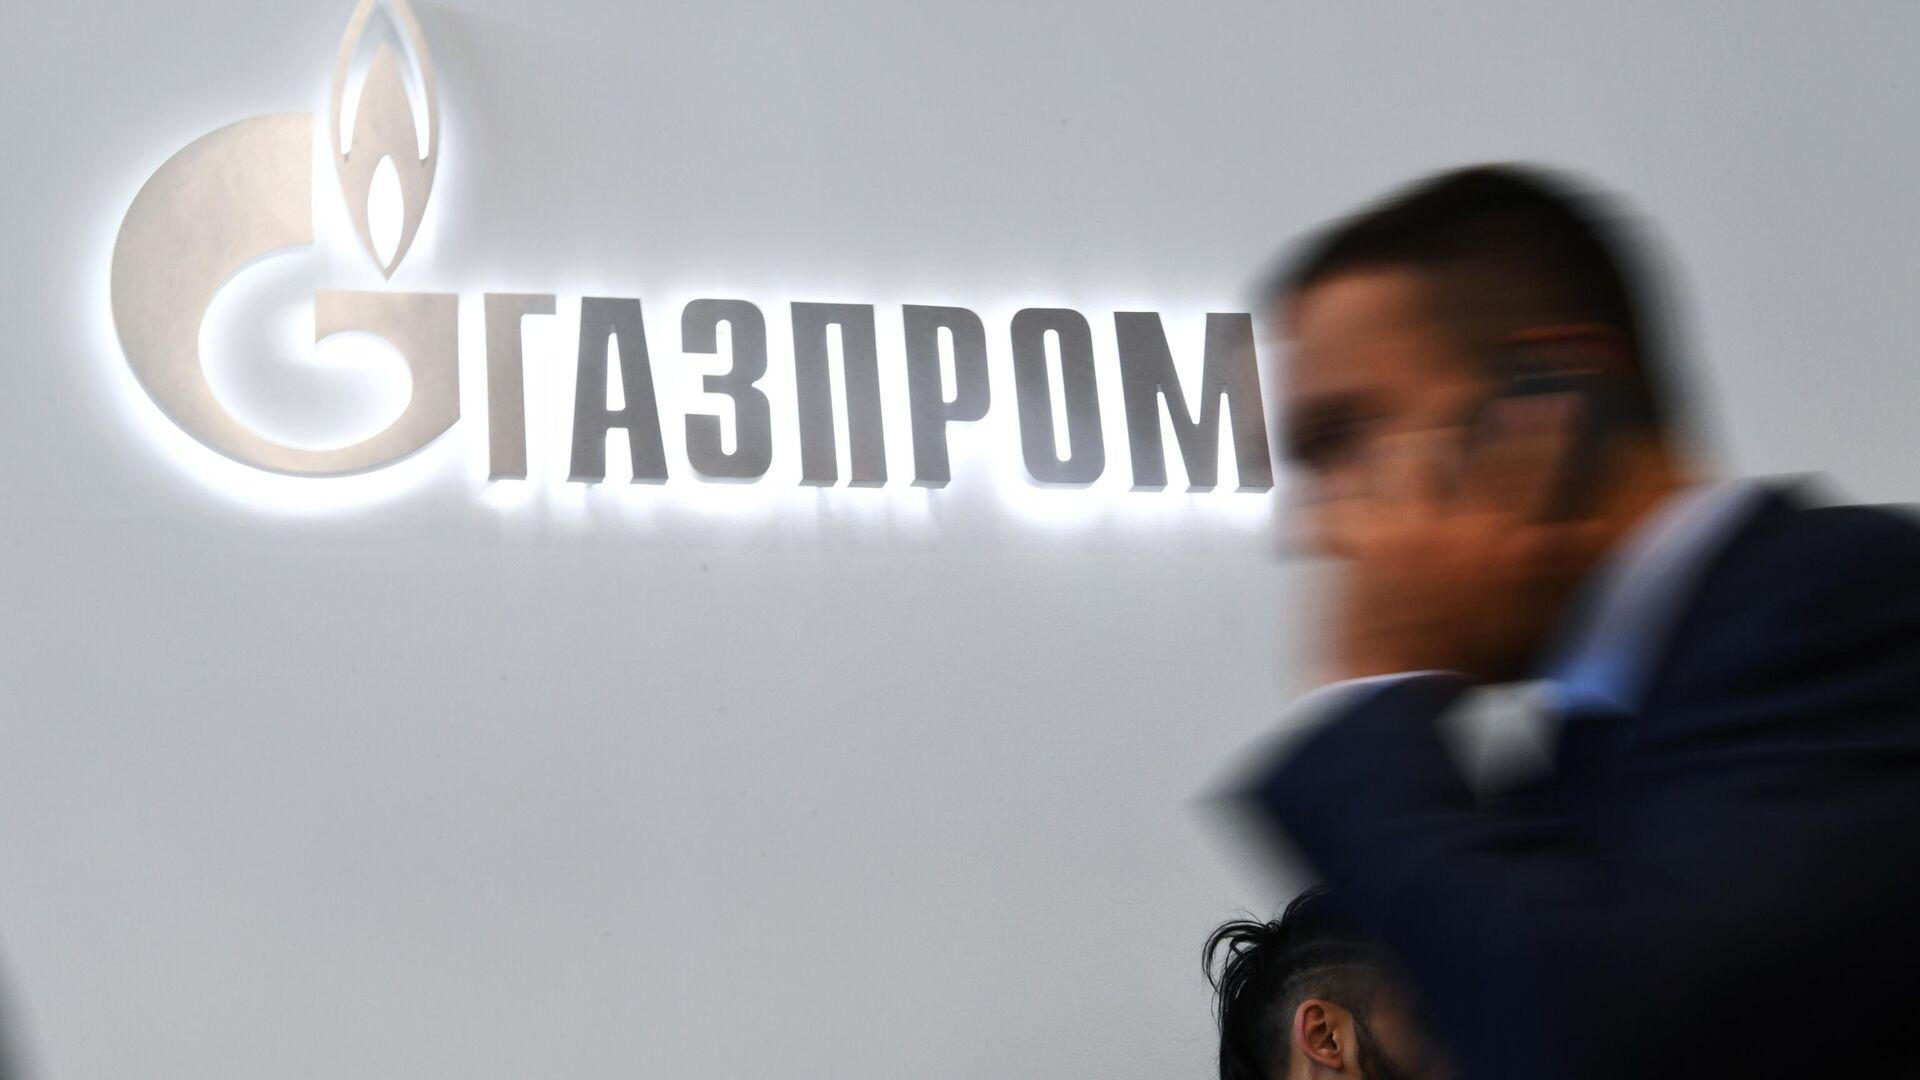 Павильон компании Газпром  - РИА Новости, 1920, 11.10.2021